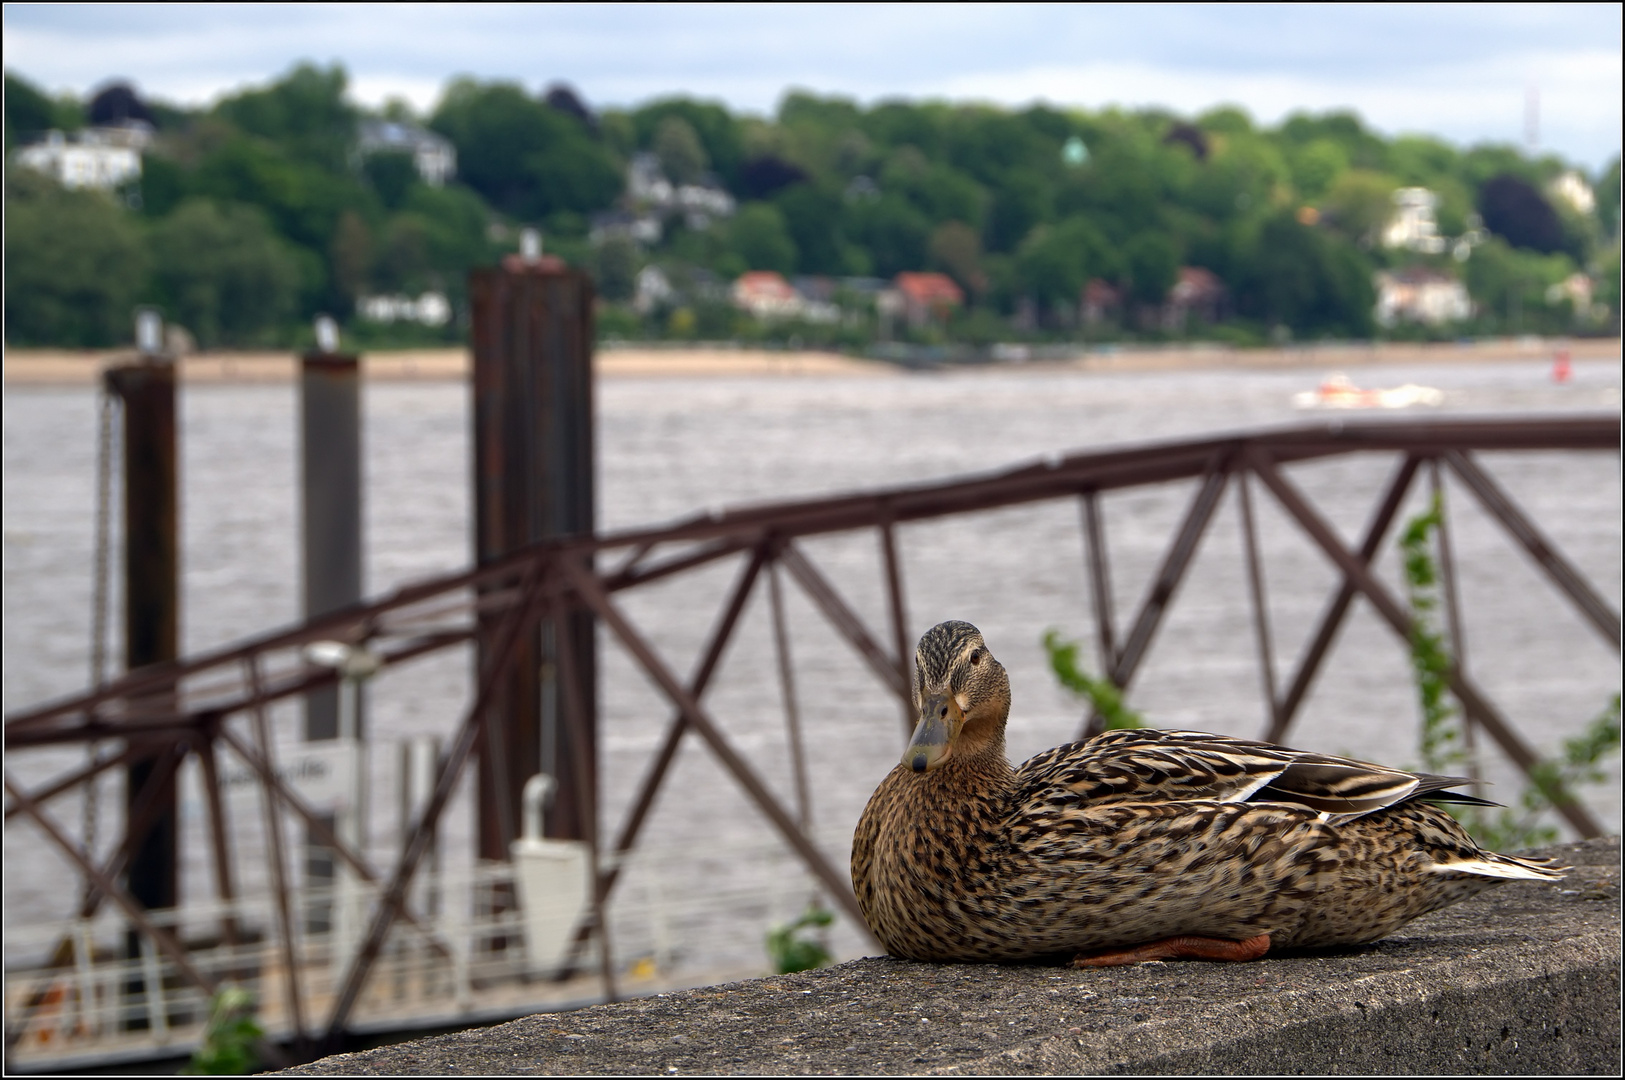 wenn kein Schiff kommt....dann muß eben die Ente dran glauben....:)))